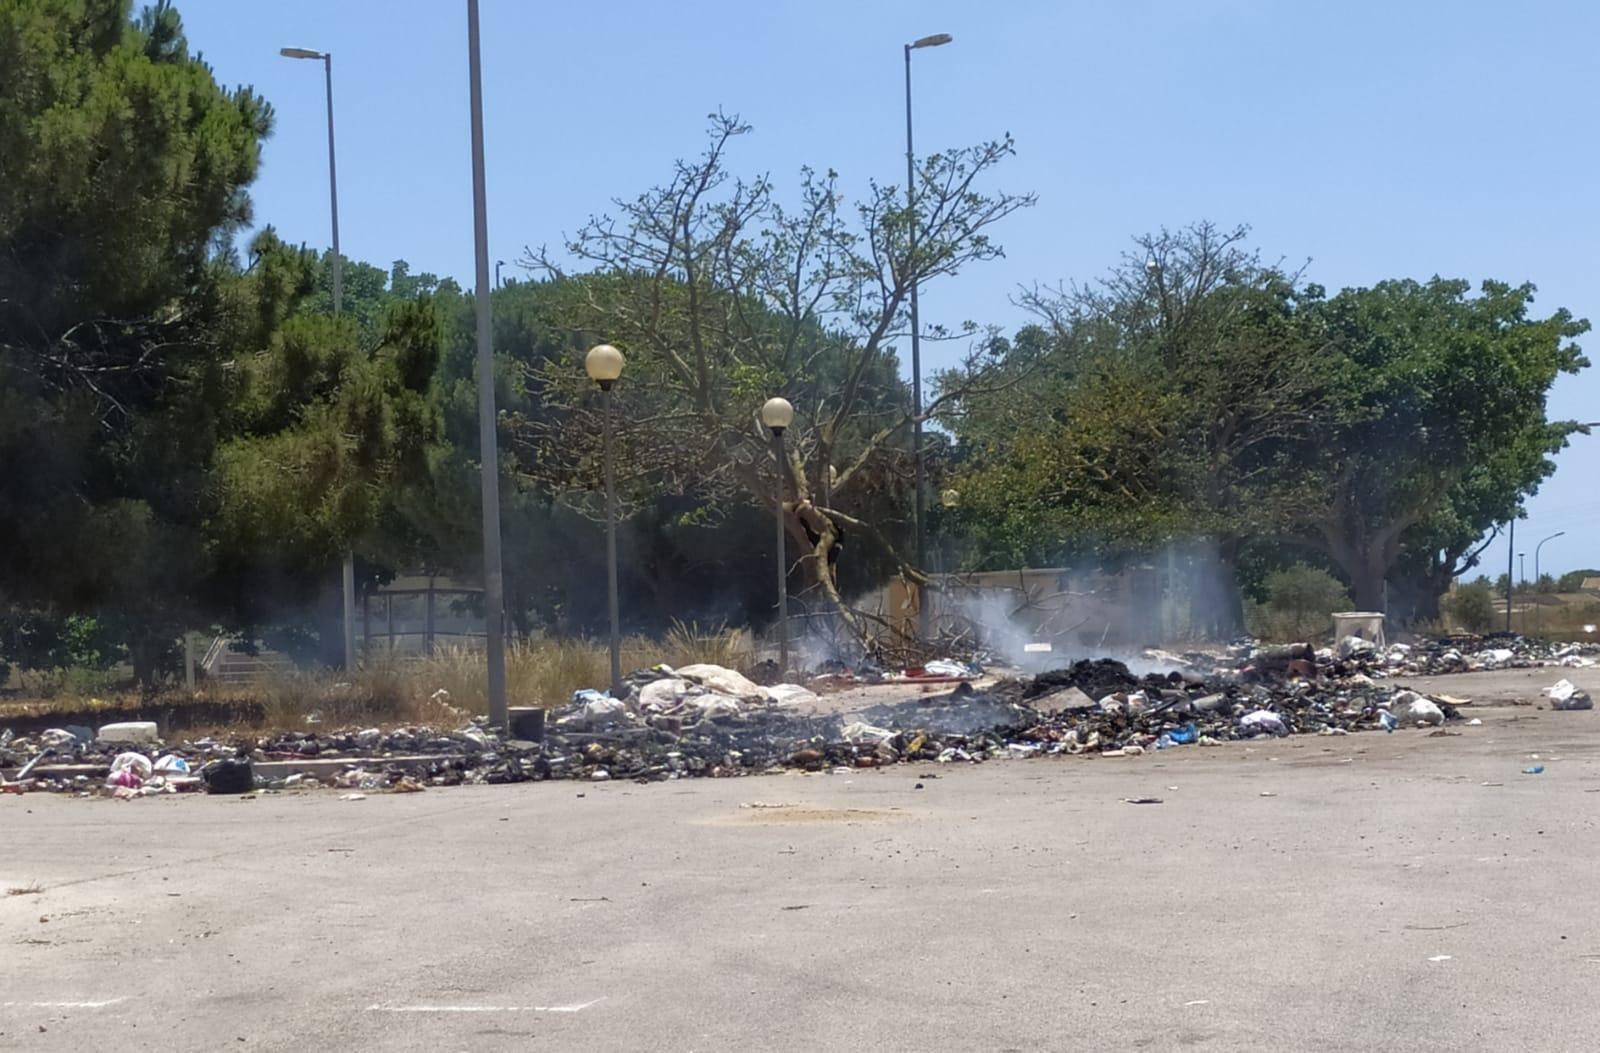 """Ancora rifiuti in fiamme ad Amabilina. Milazzo: """"Sulla differenziata non si torna indietro"""""""